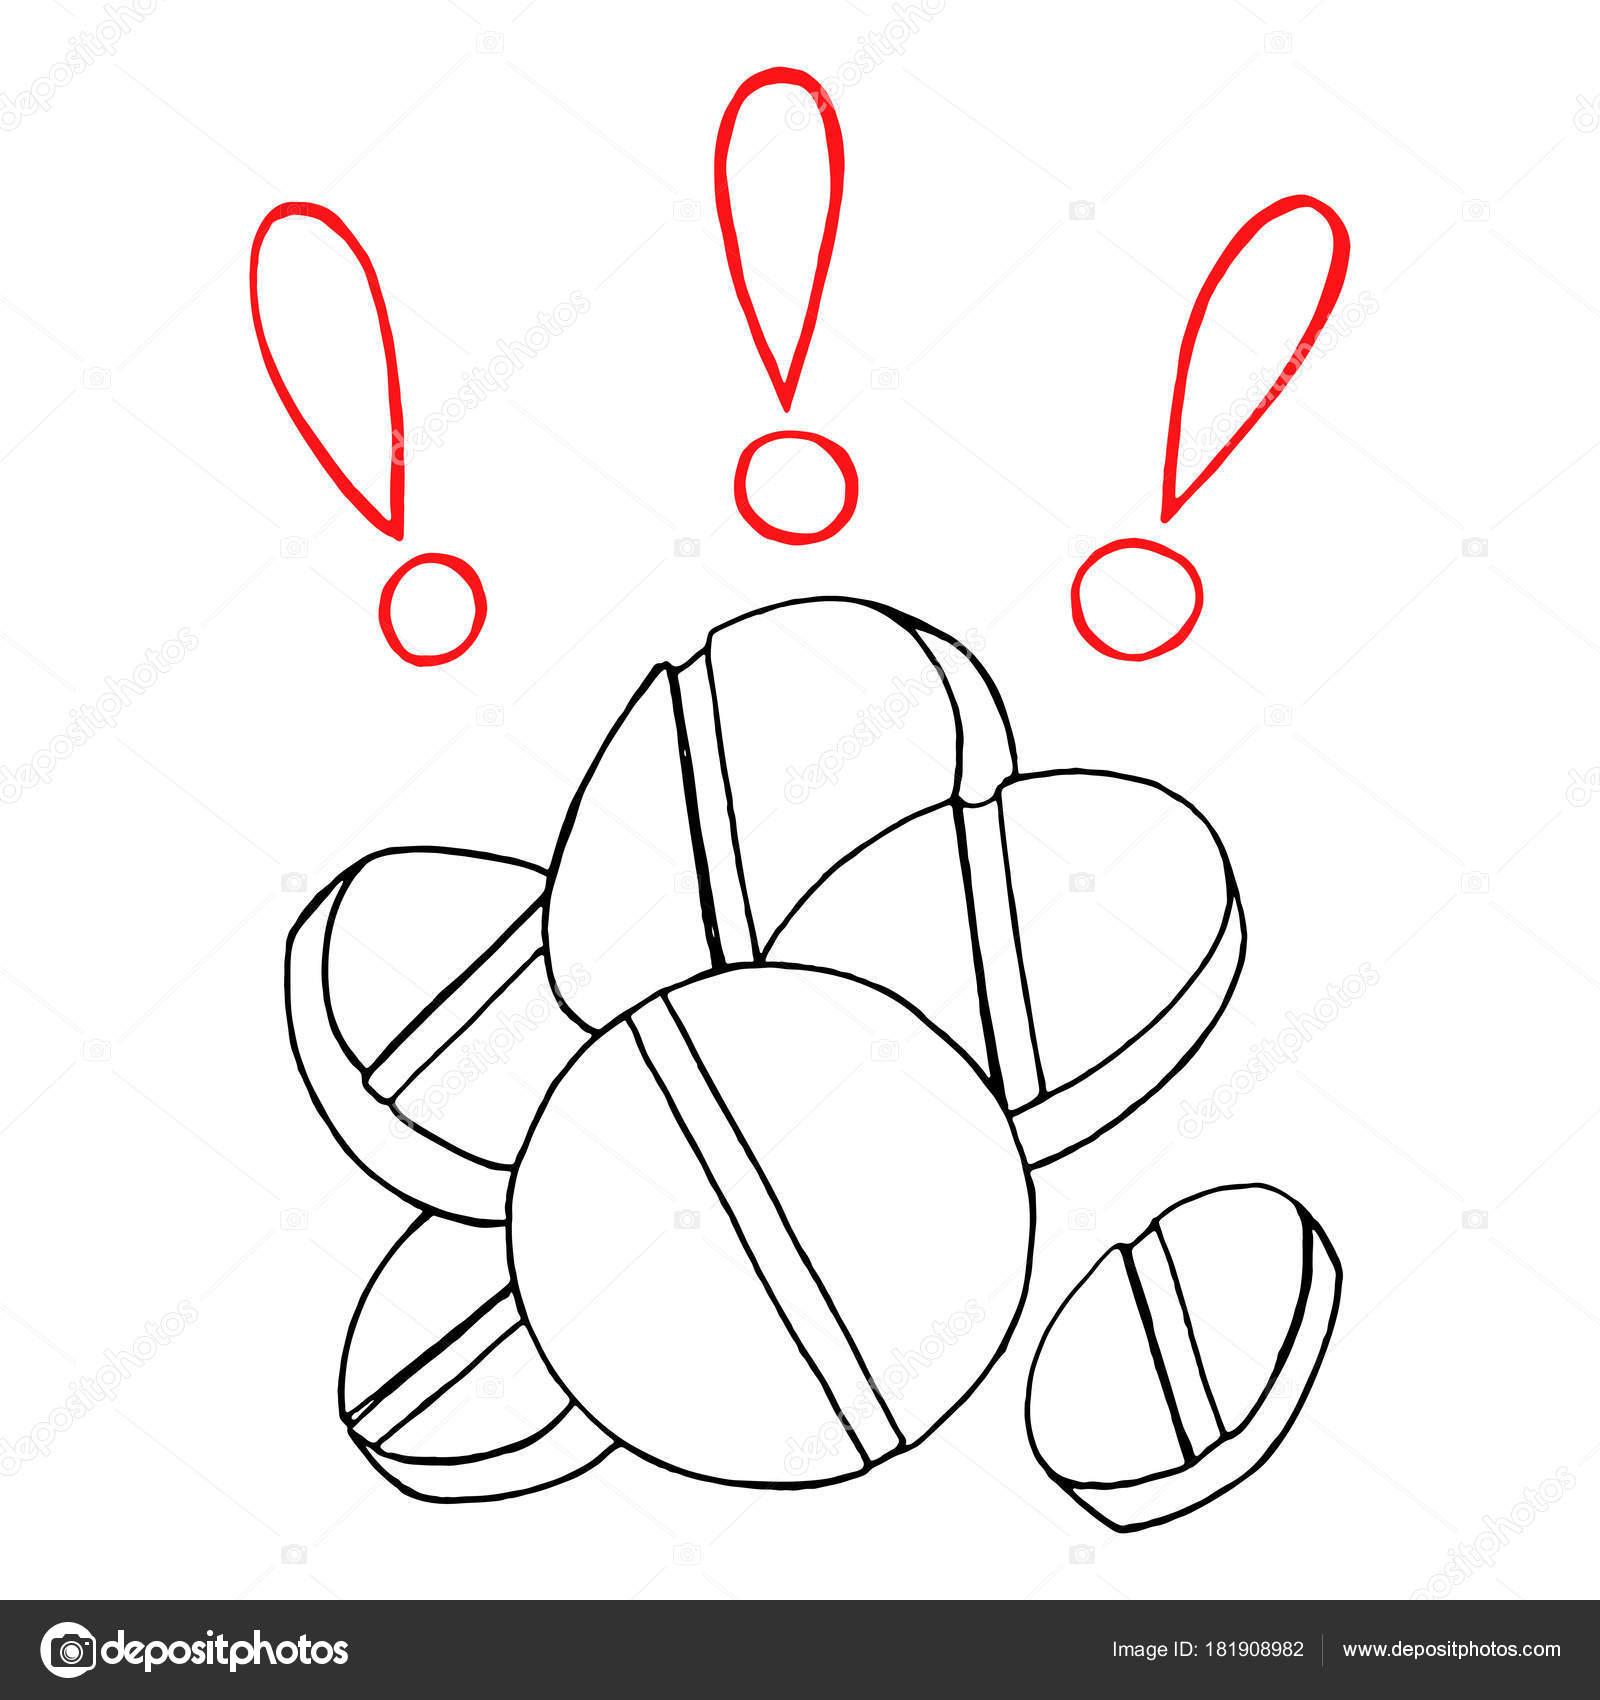 Tek Renkli Hapları Ilaçları ünlem Işareti El çizilmiş çizgiyi Sanat